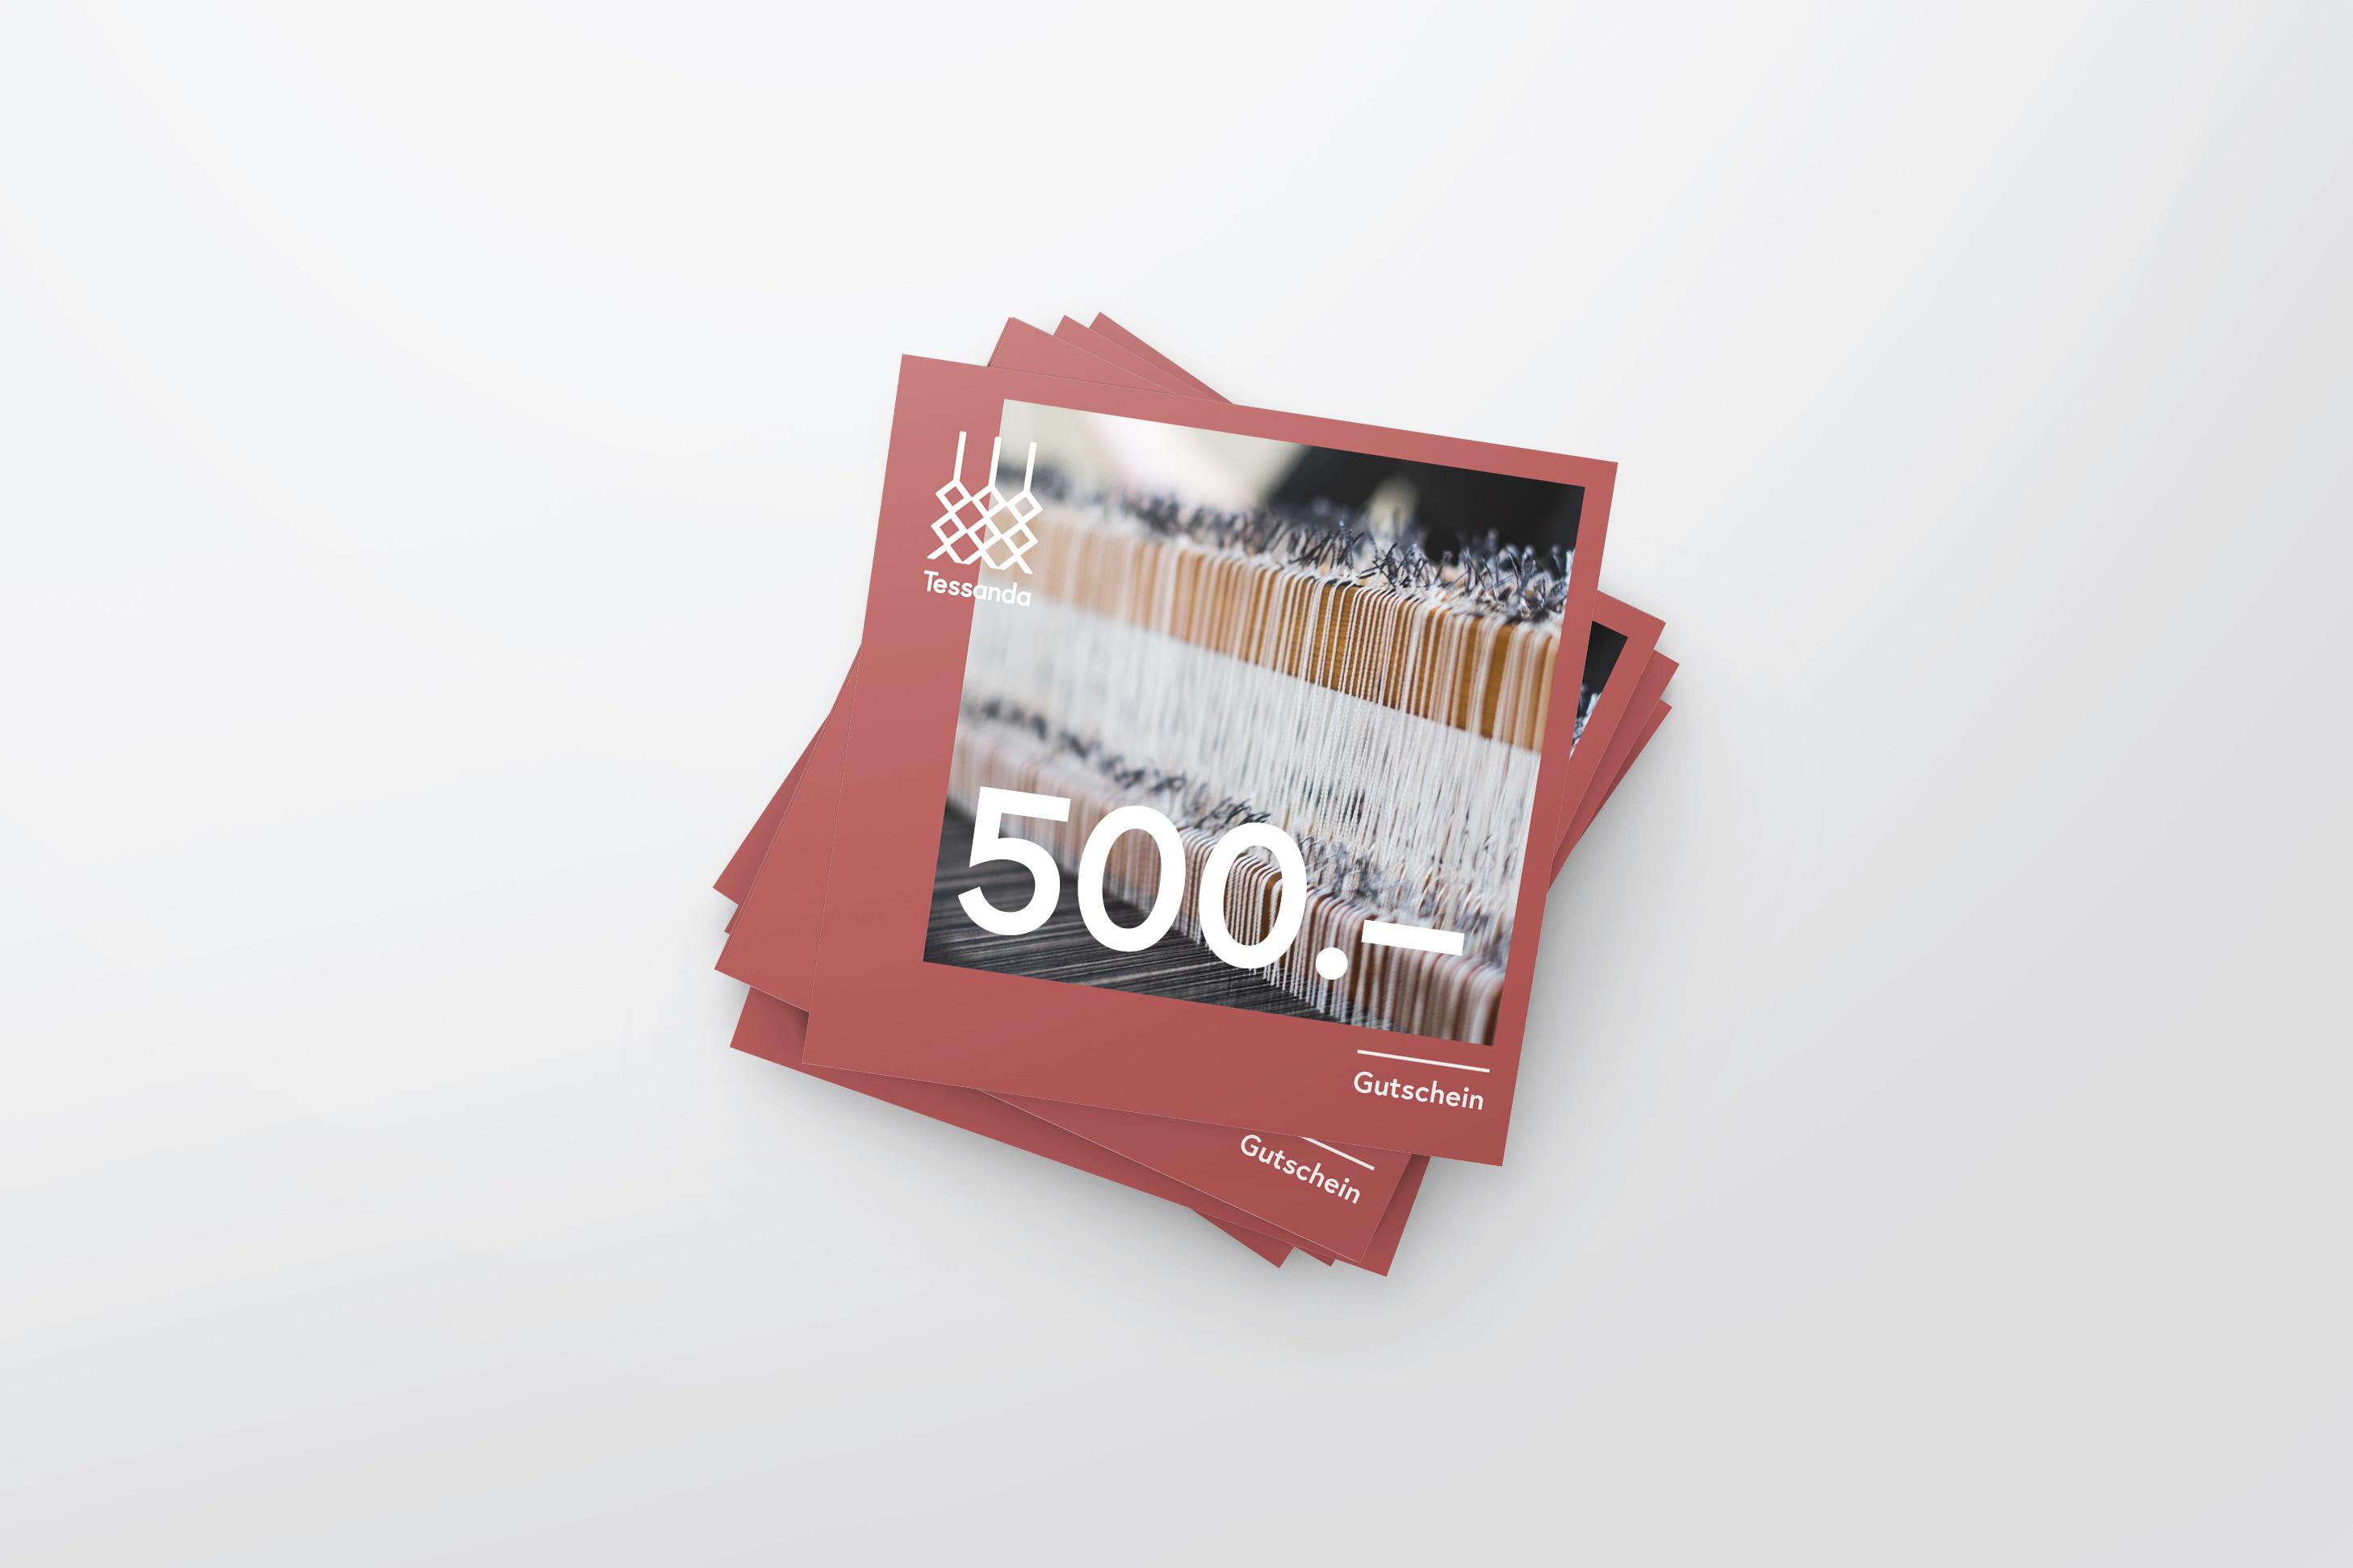 gutschein_500